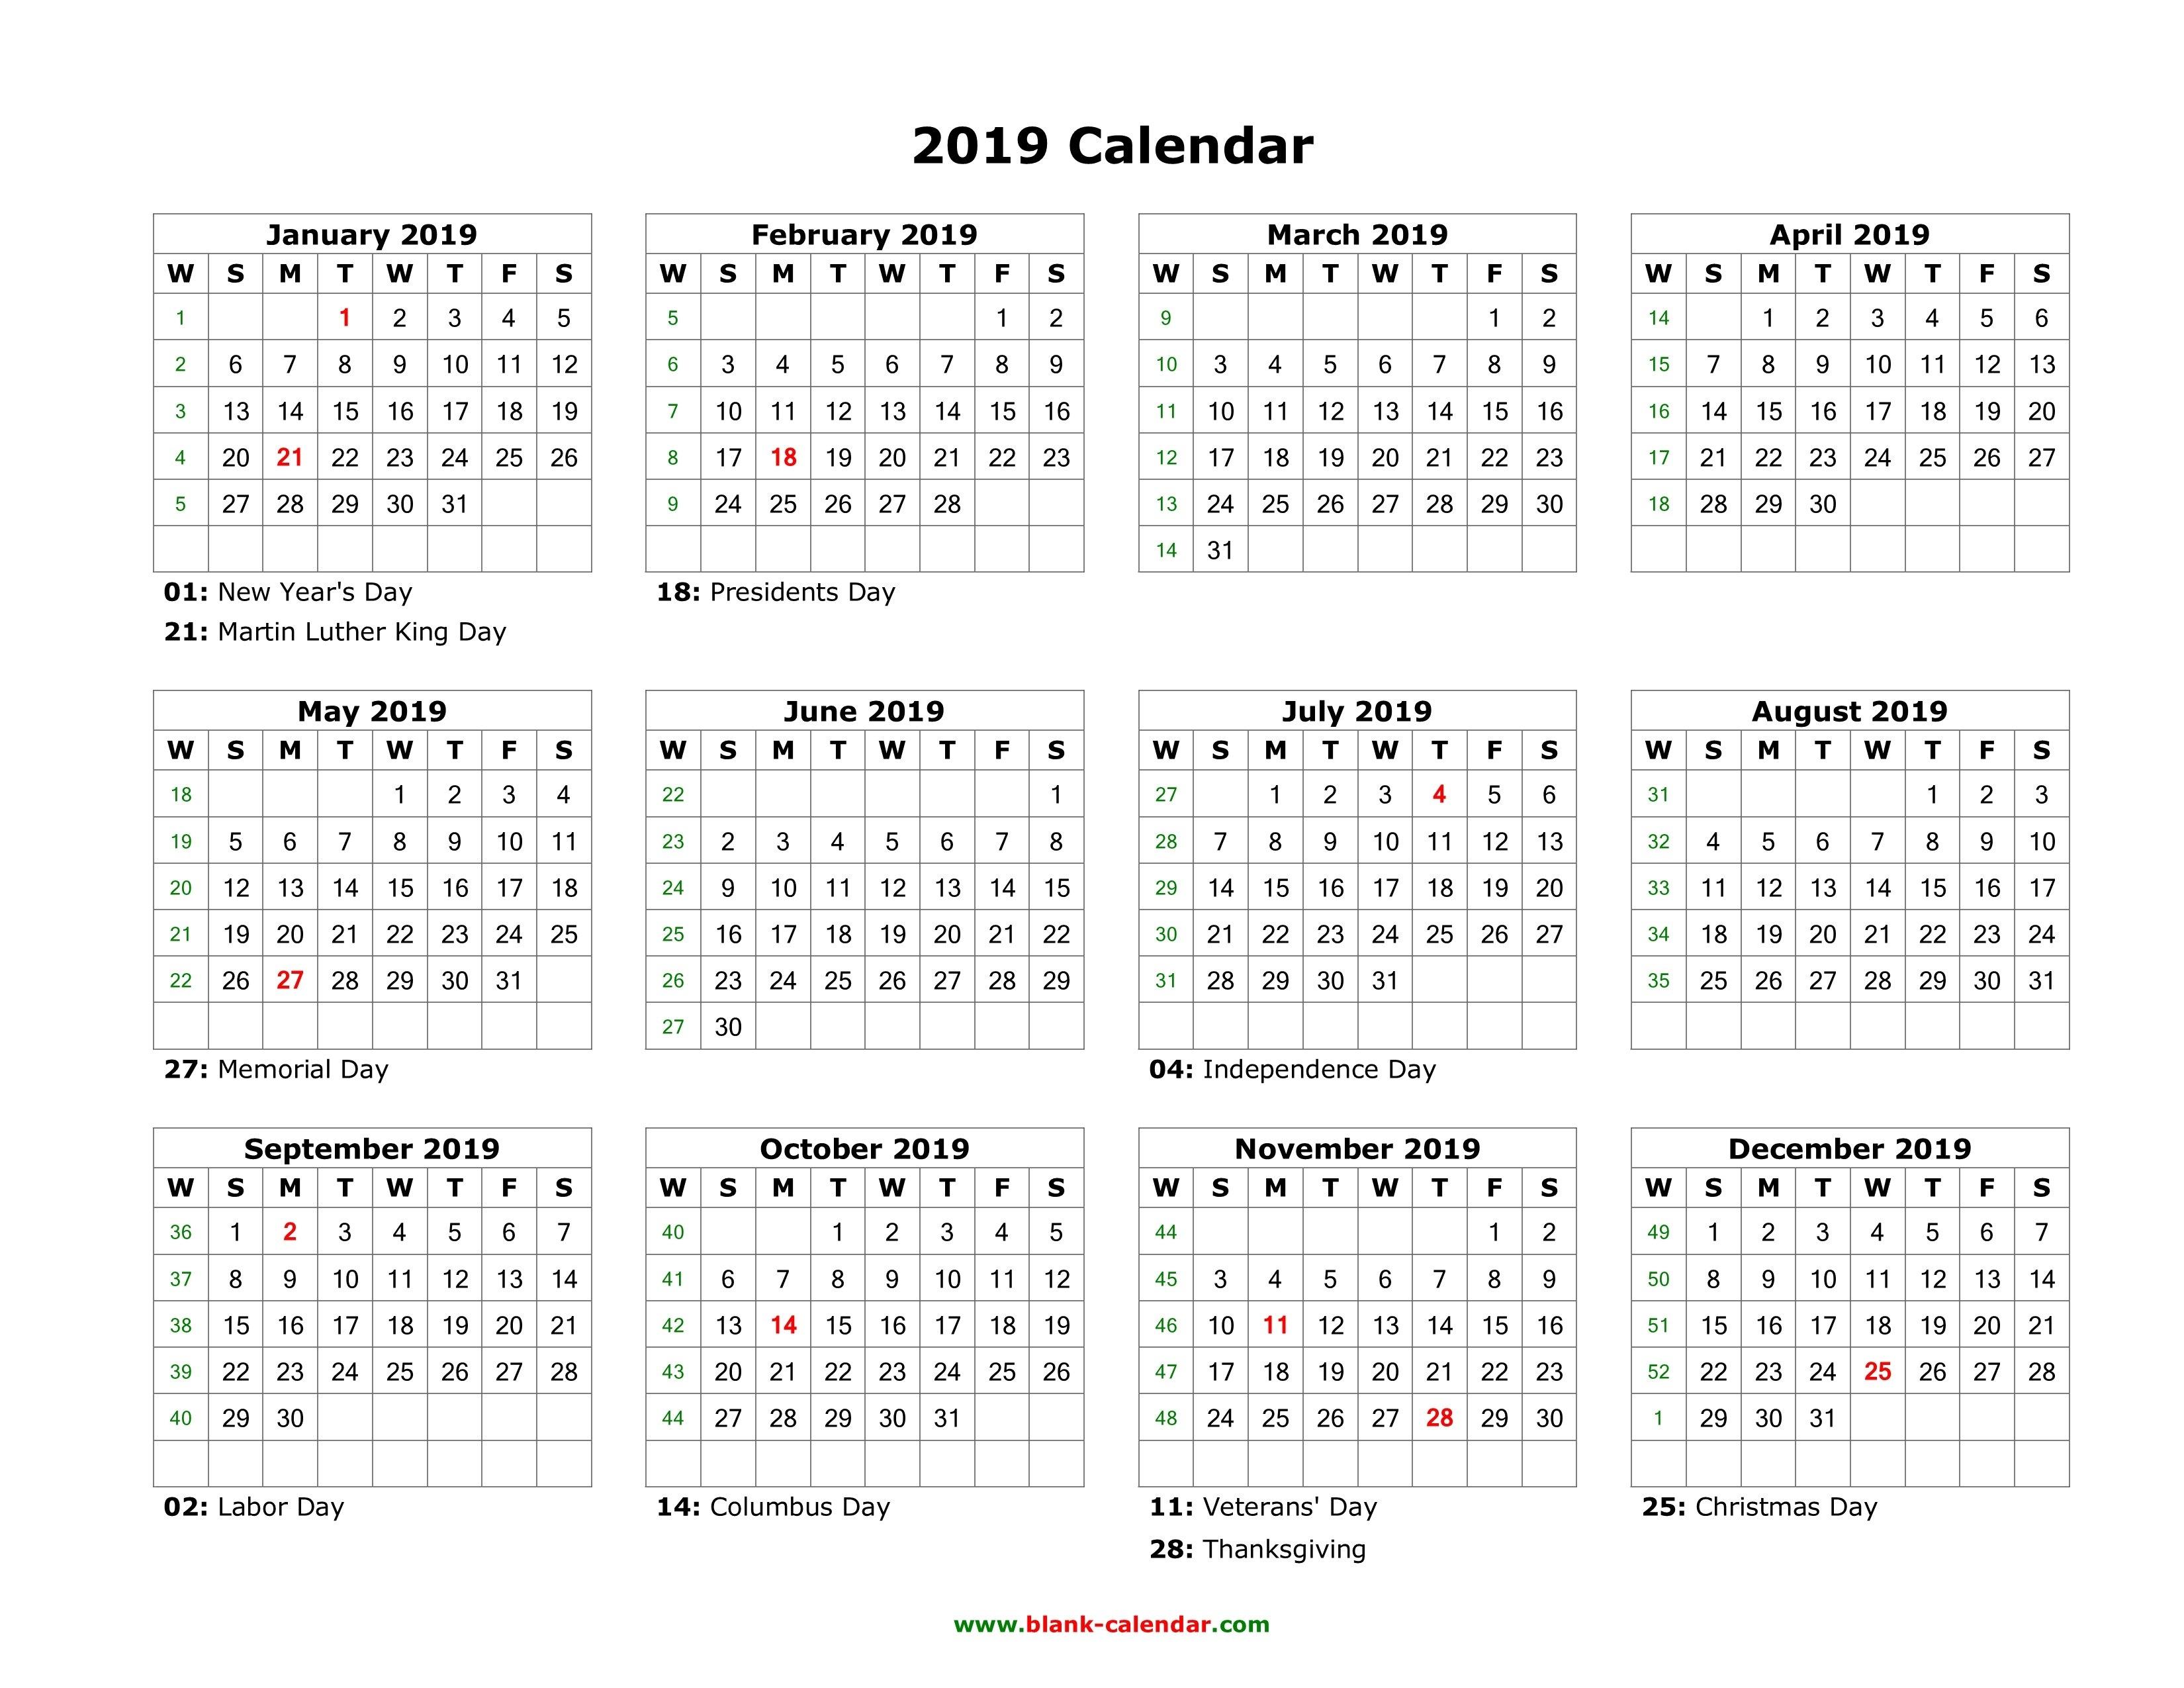 Blank Calendar 2019 | Free Download Calendar Templates Calendar 2019 Template Free